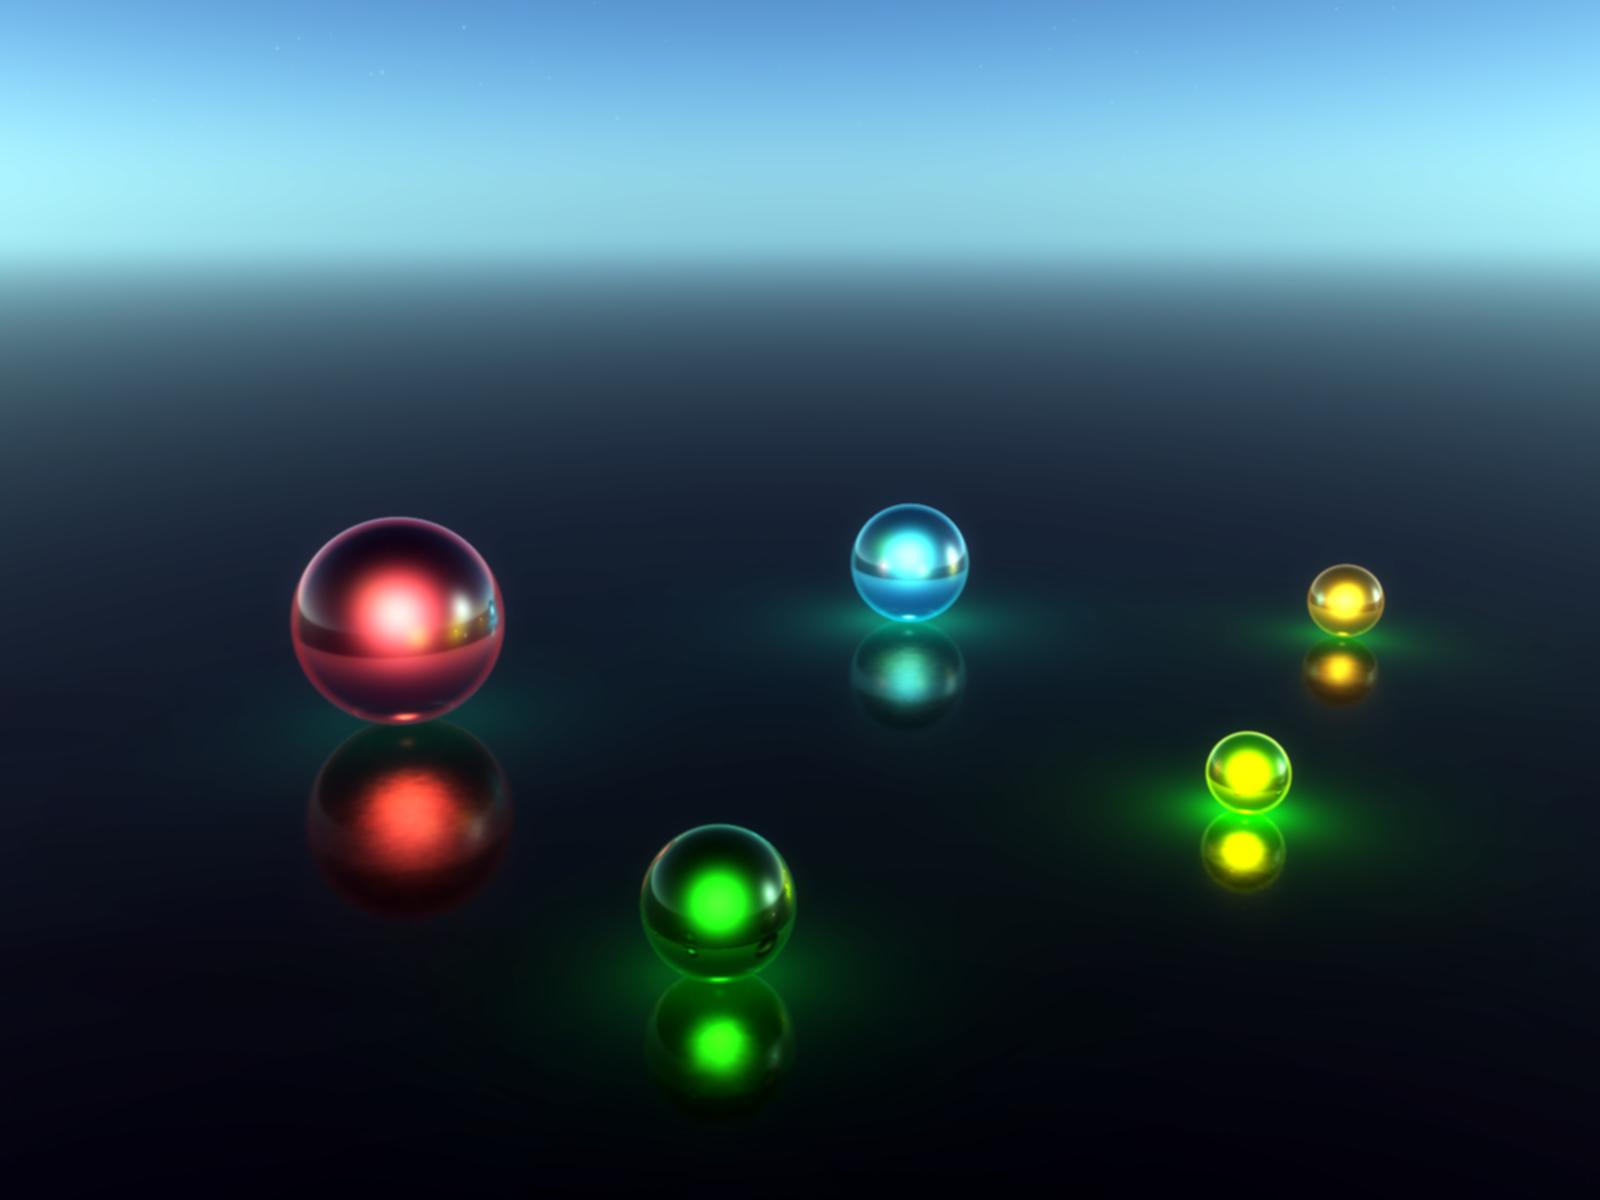 http://1.bp.blogspot.com/_YeR-Z-2WrGA/TPcOQe7DBTI/AAAAAAAAABs/t6XqluS69mw/s1600/33-3ddigitalart_3dobject_glowing_balls_wallpaper.jpg